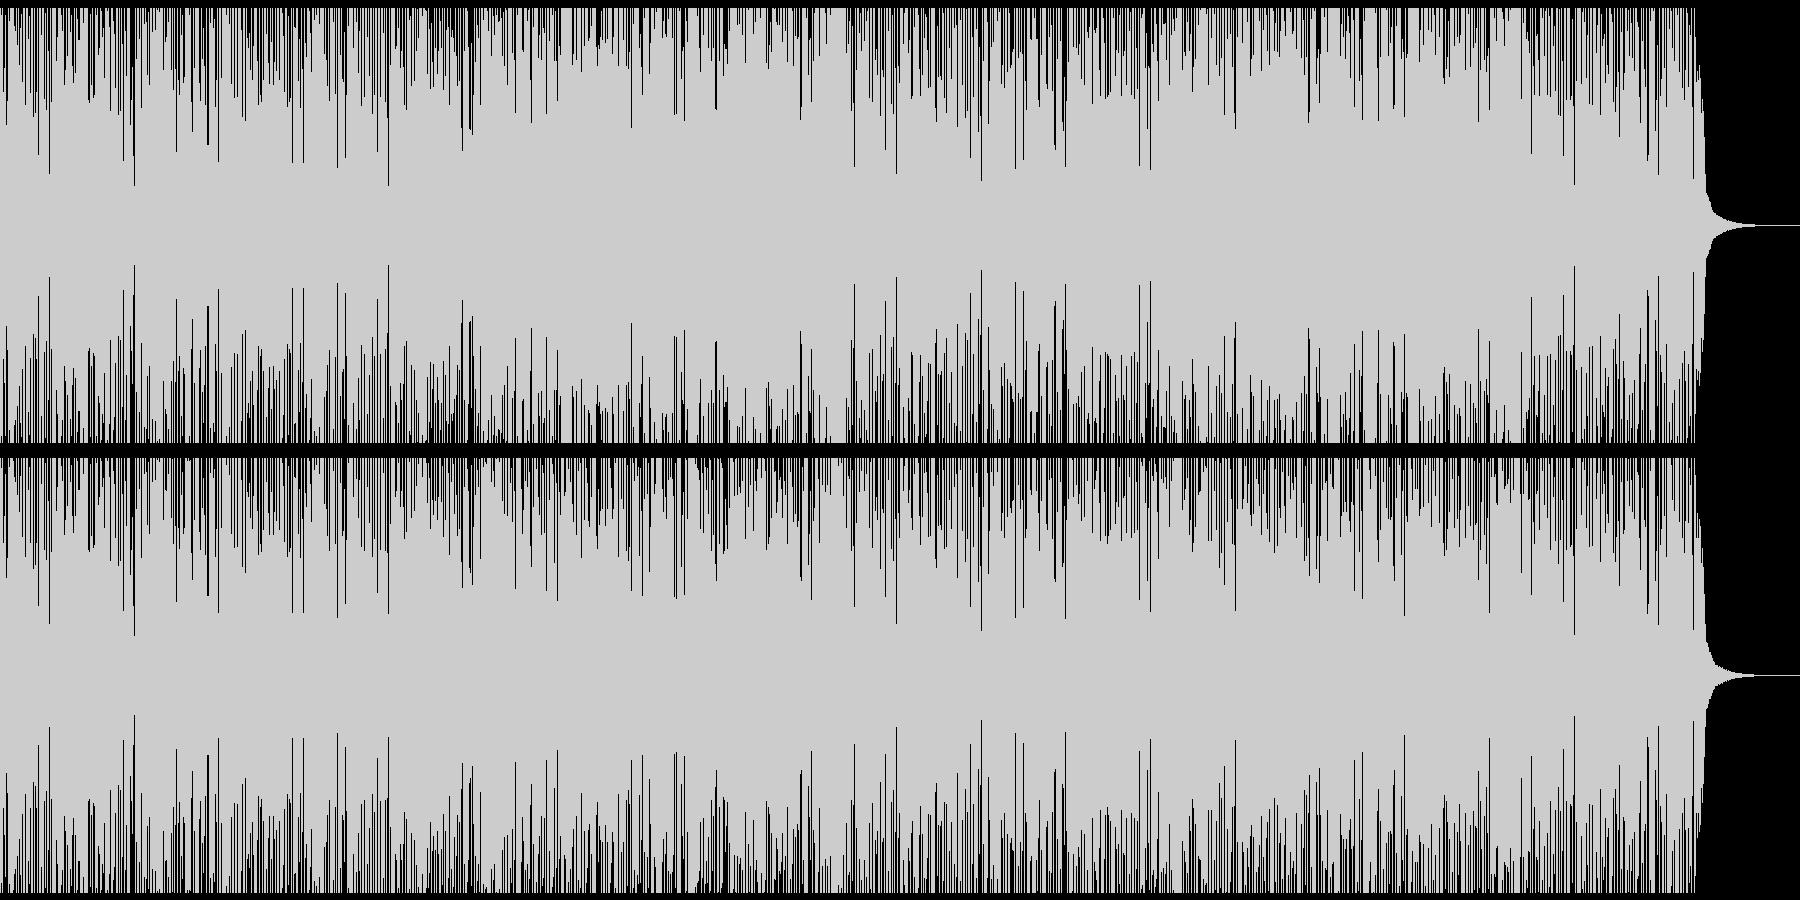 怪しいスラップベースのトラップ系BGMの未再生の波形